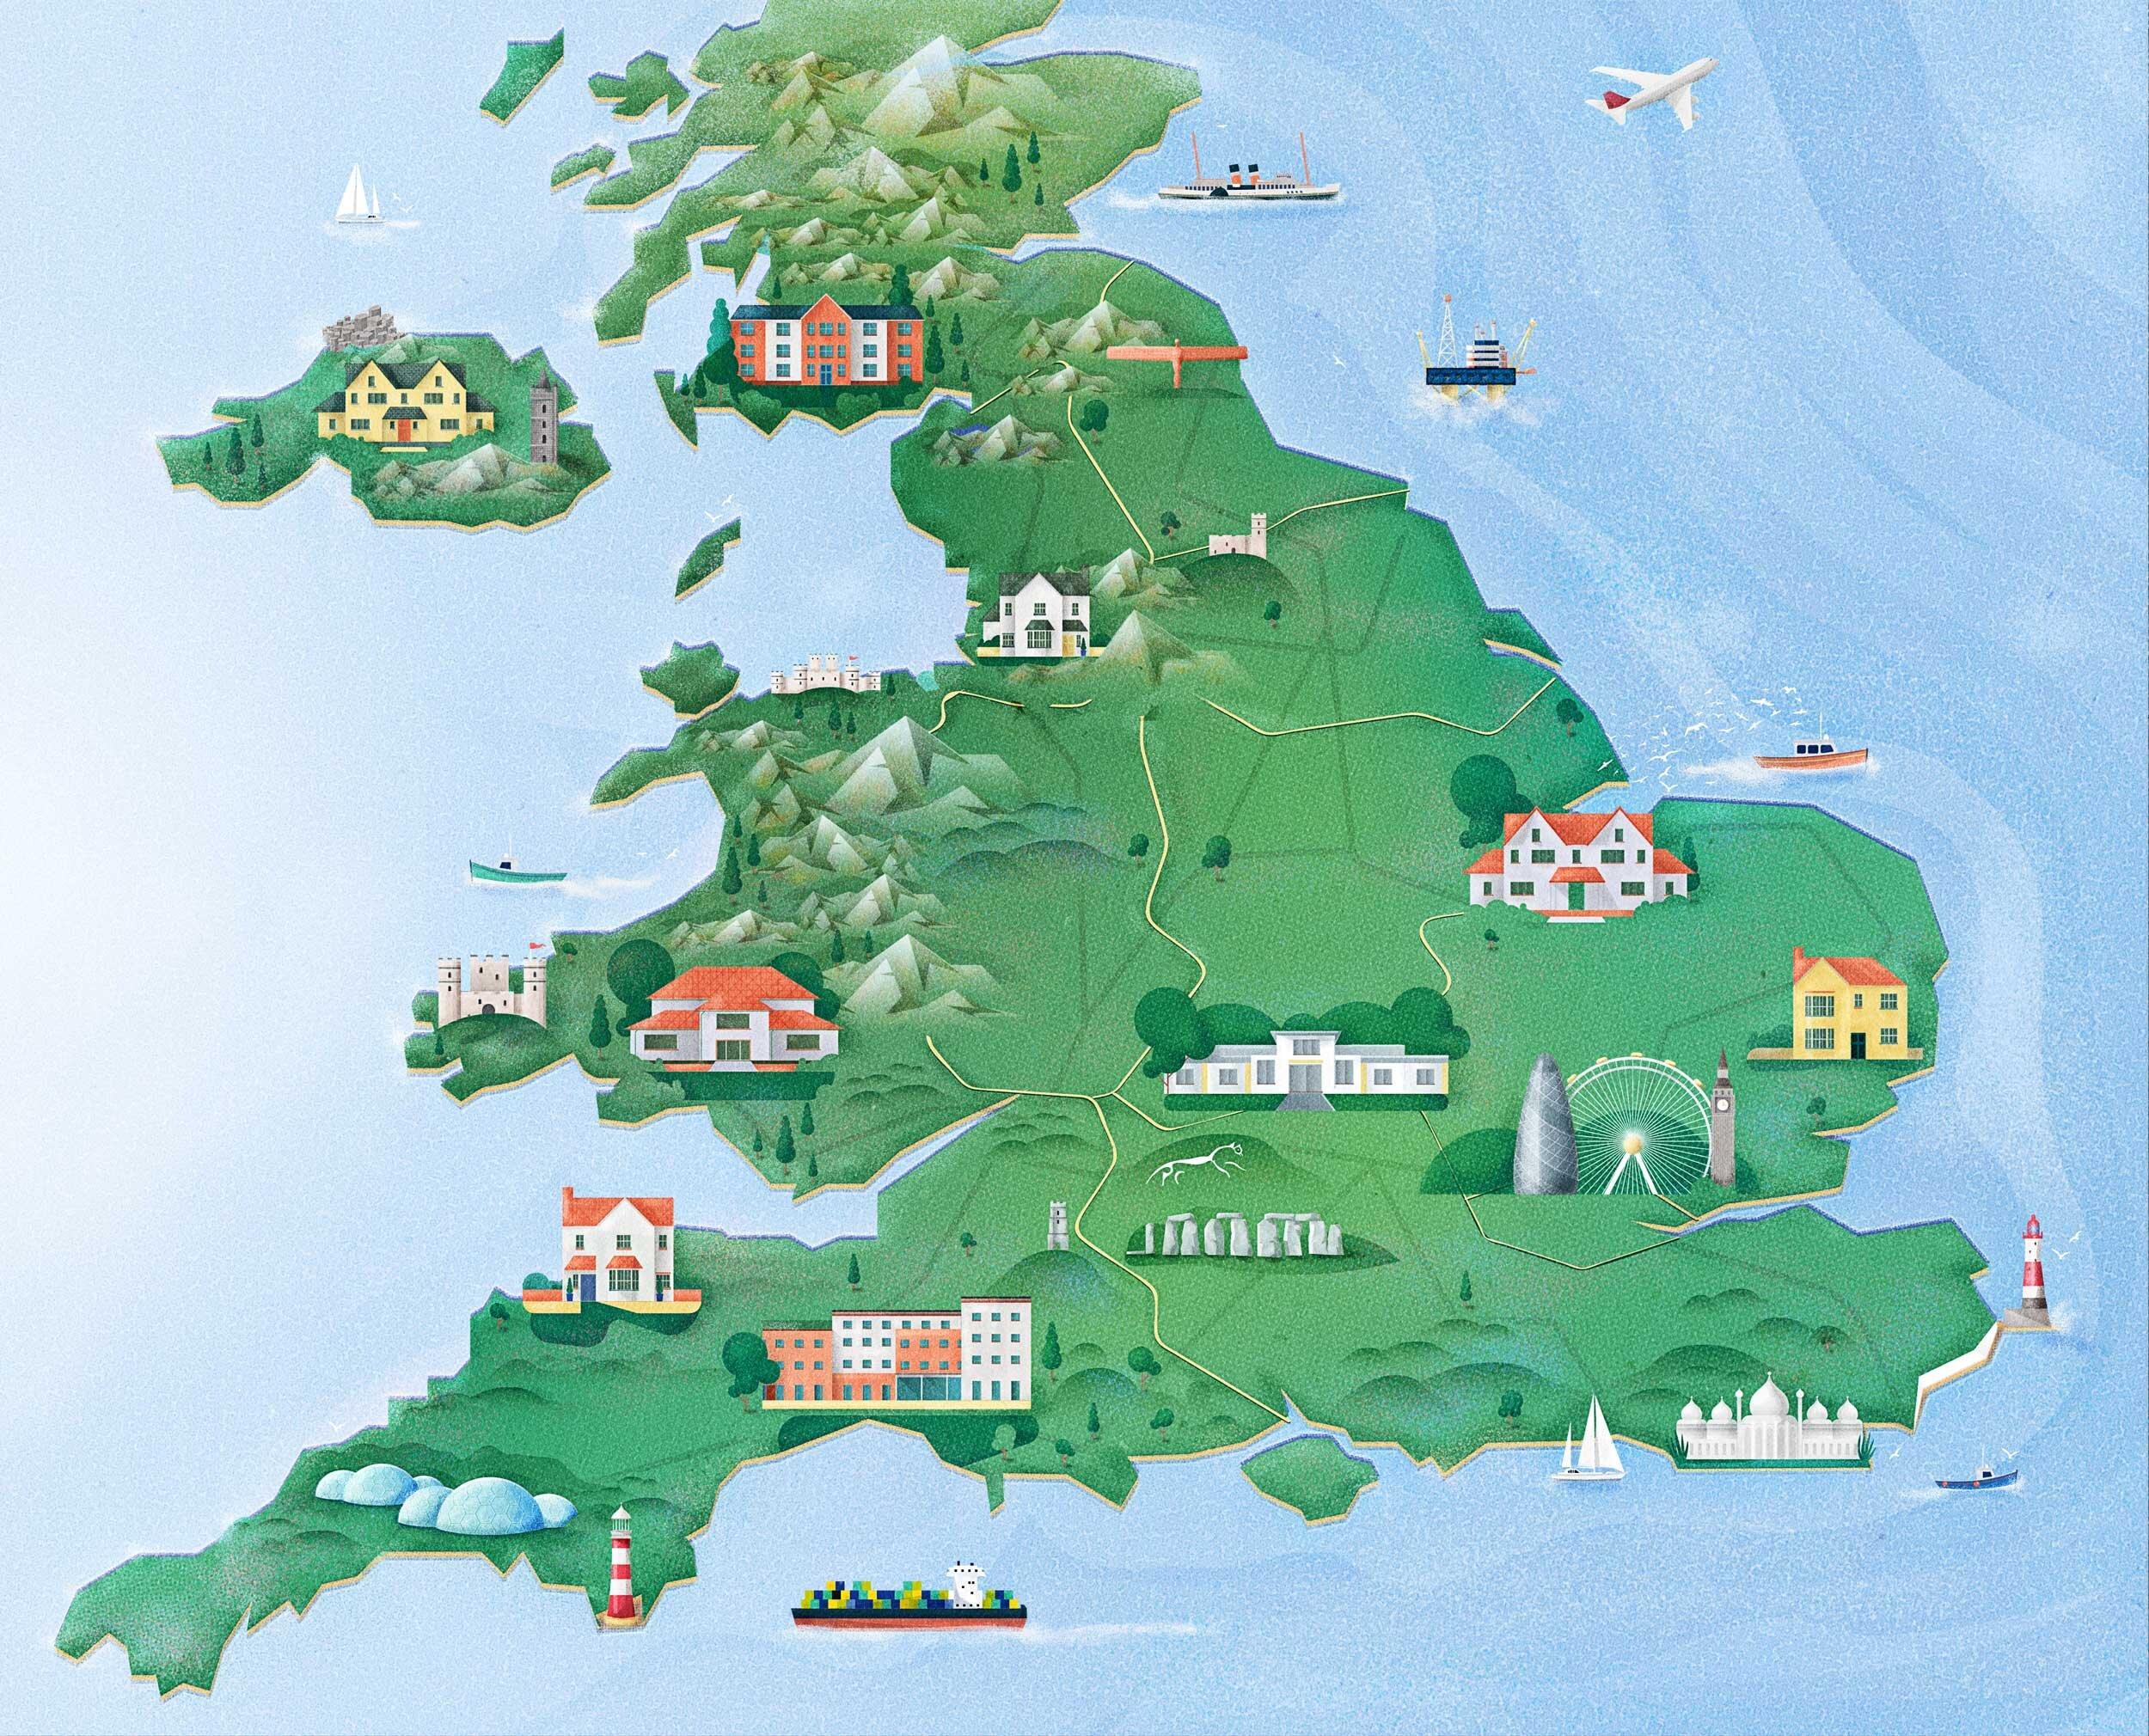 UK-MAP-main-2-2500px.jpg